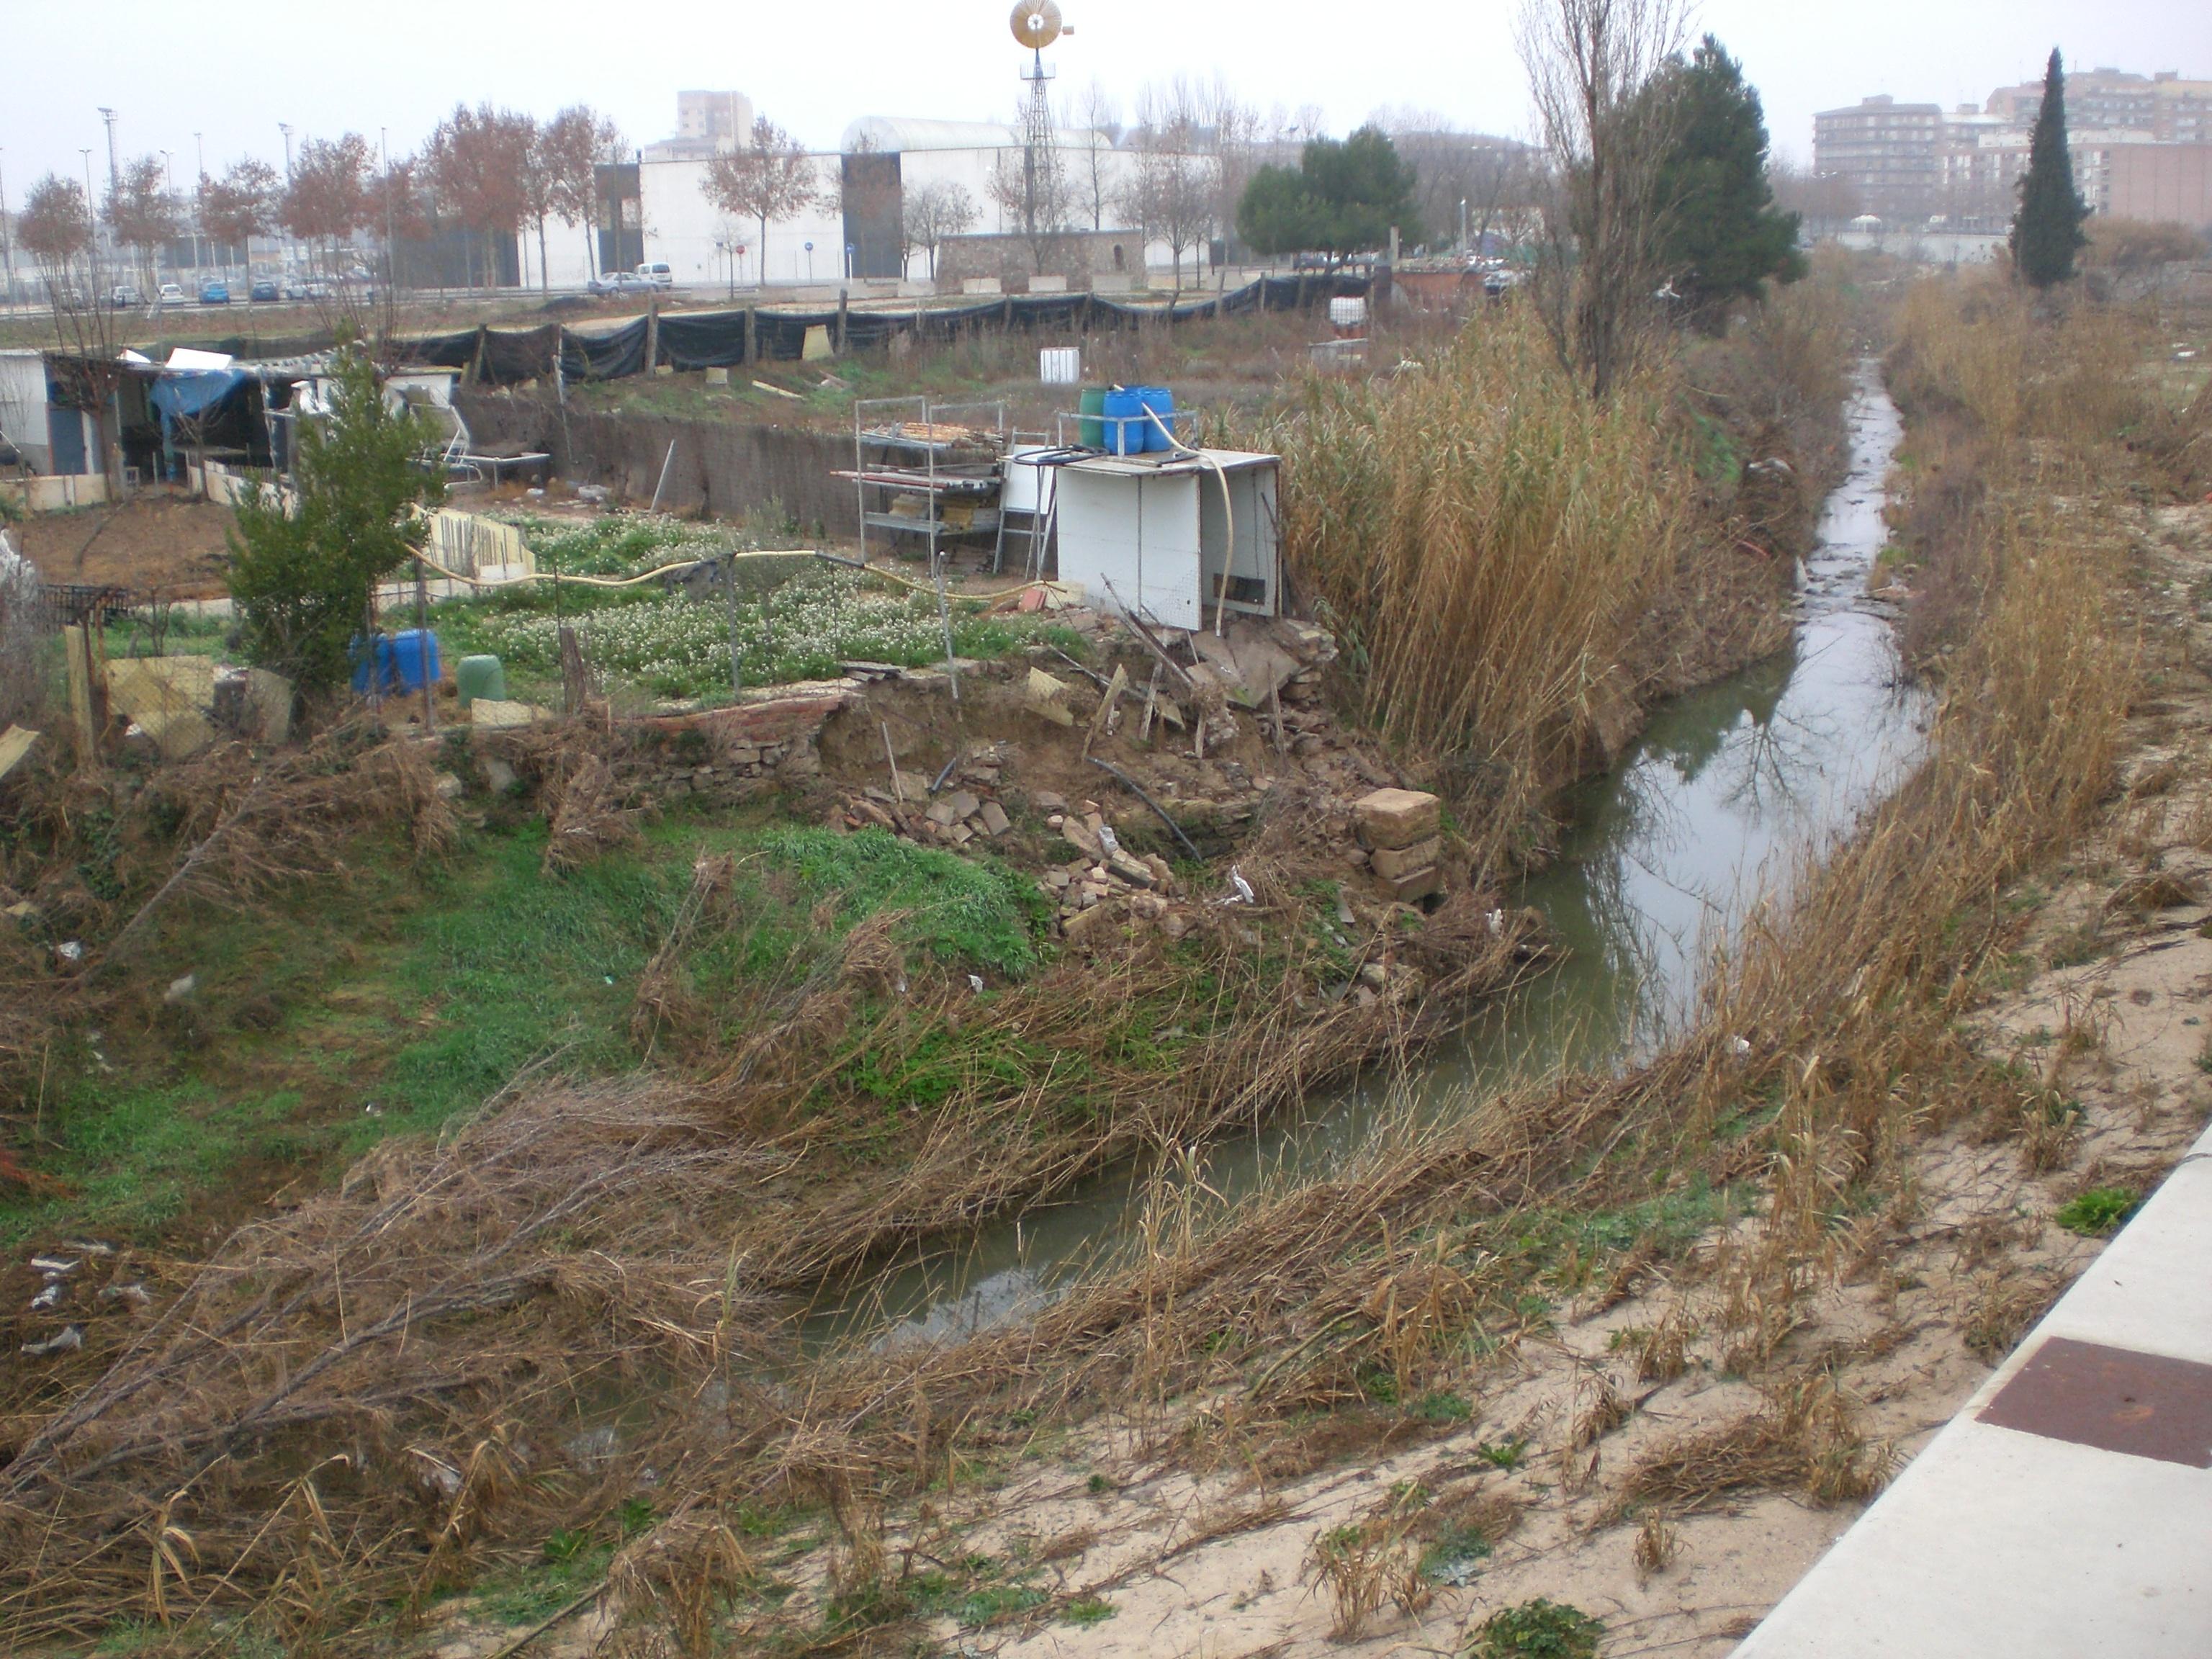 La CUP de Tàrrega proposa elaborar un pla de millora per recuperar la zona est del riu Ondara